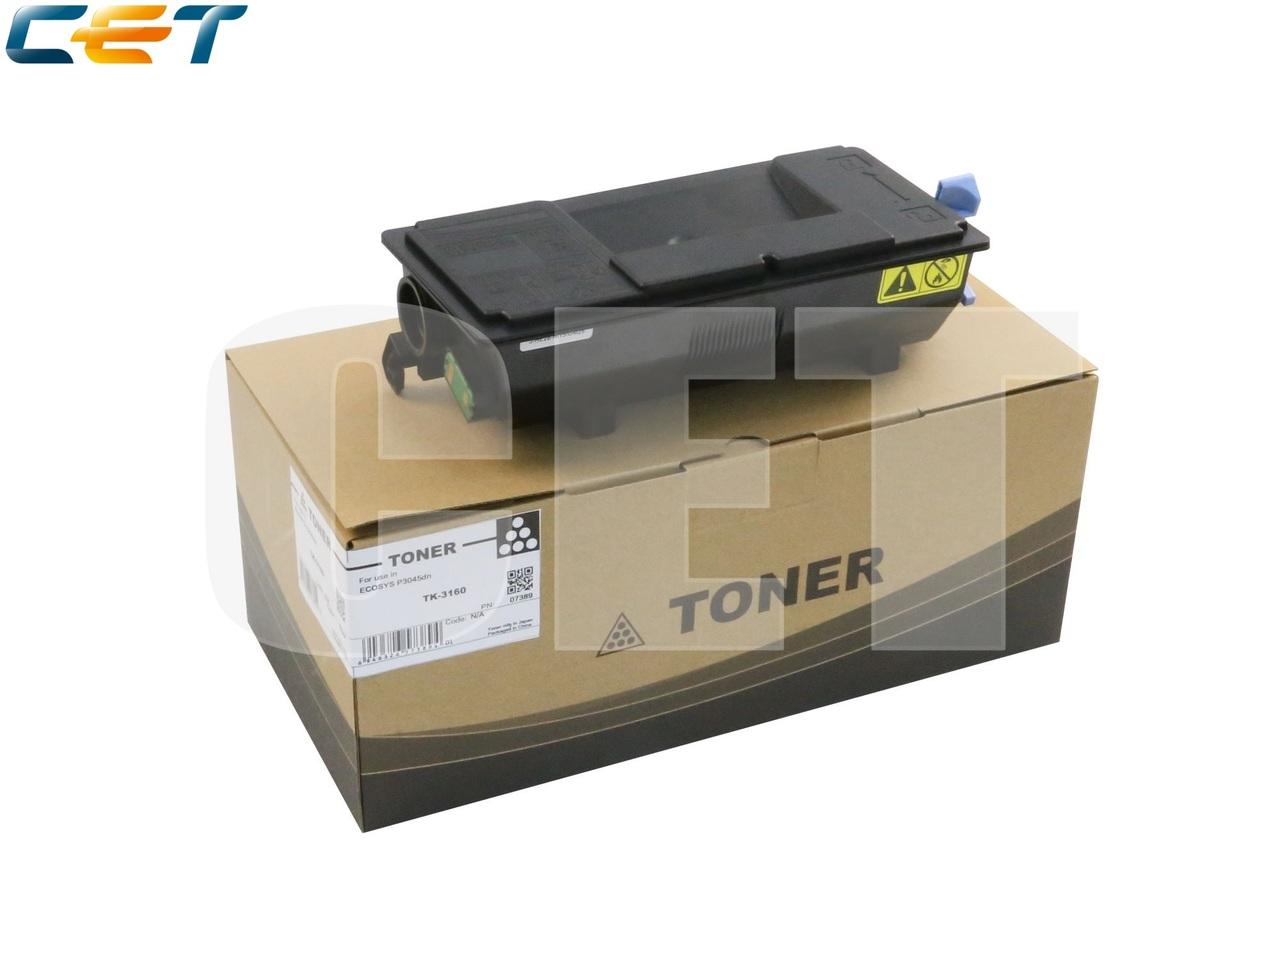 Тонер-картридж (PK9/PK10) TK-3160 для KYOCERA ECOSYSP3045dn (CET), 333г, 12500 стр., CET7389